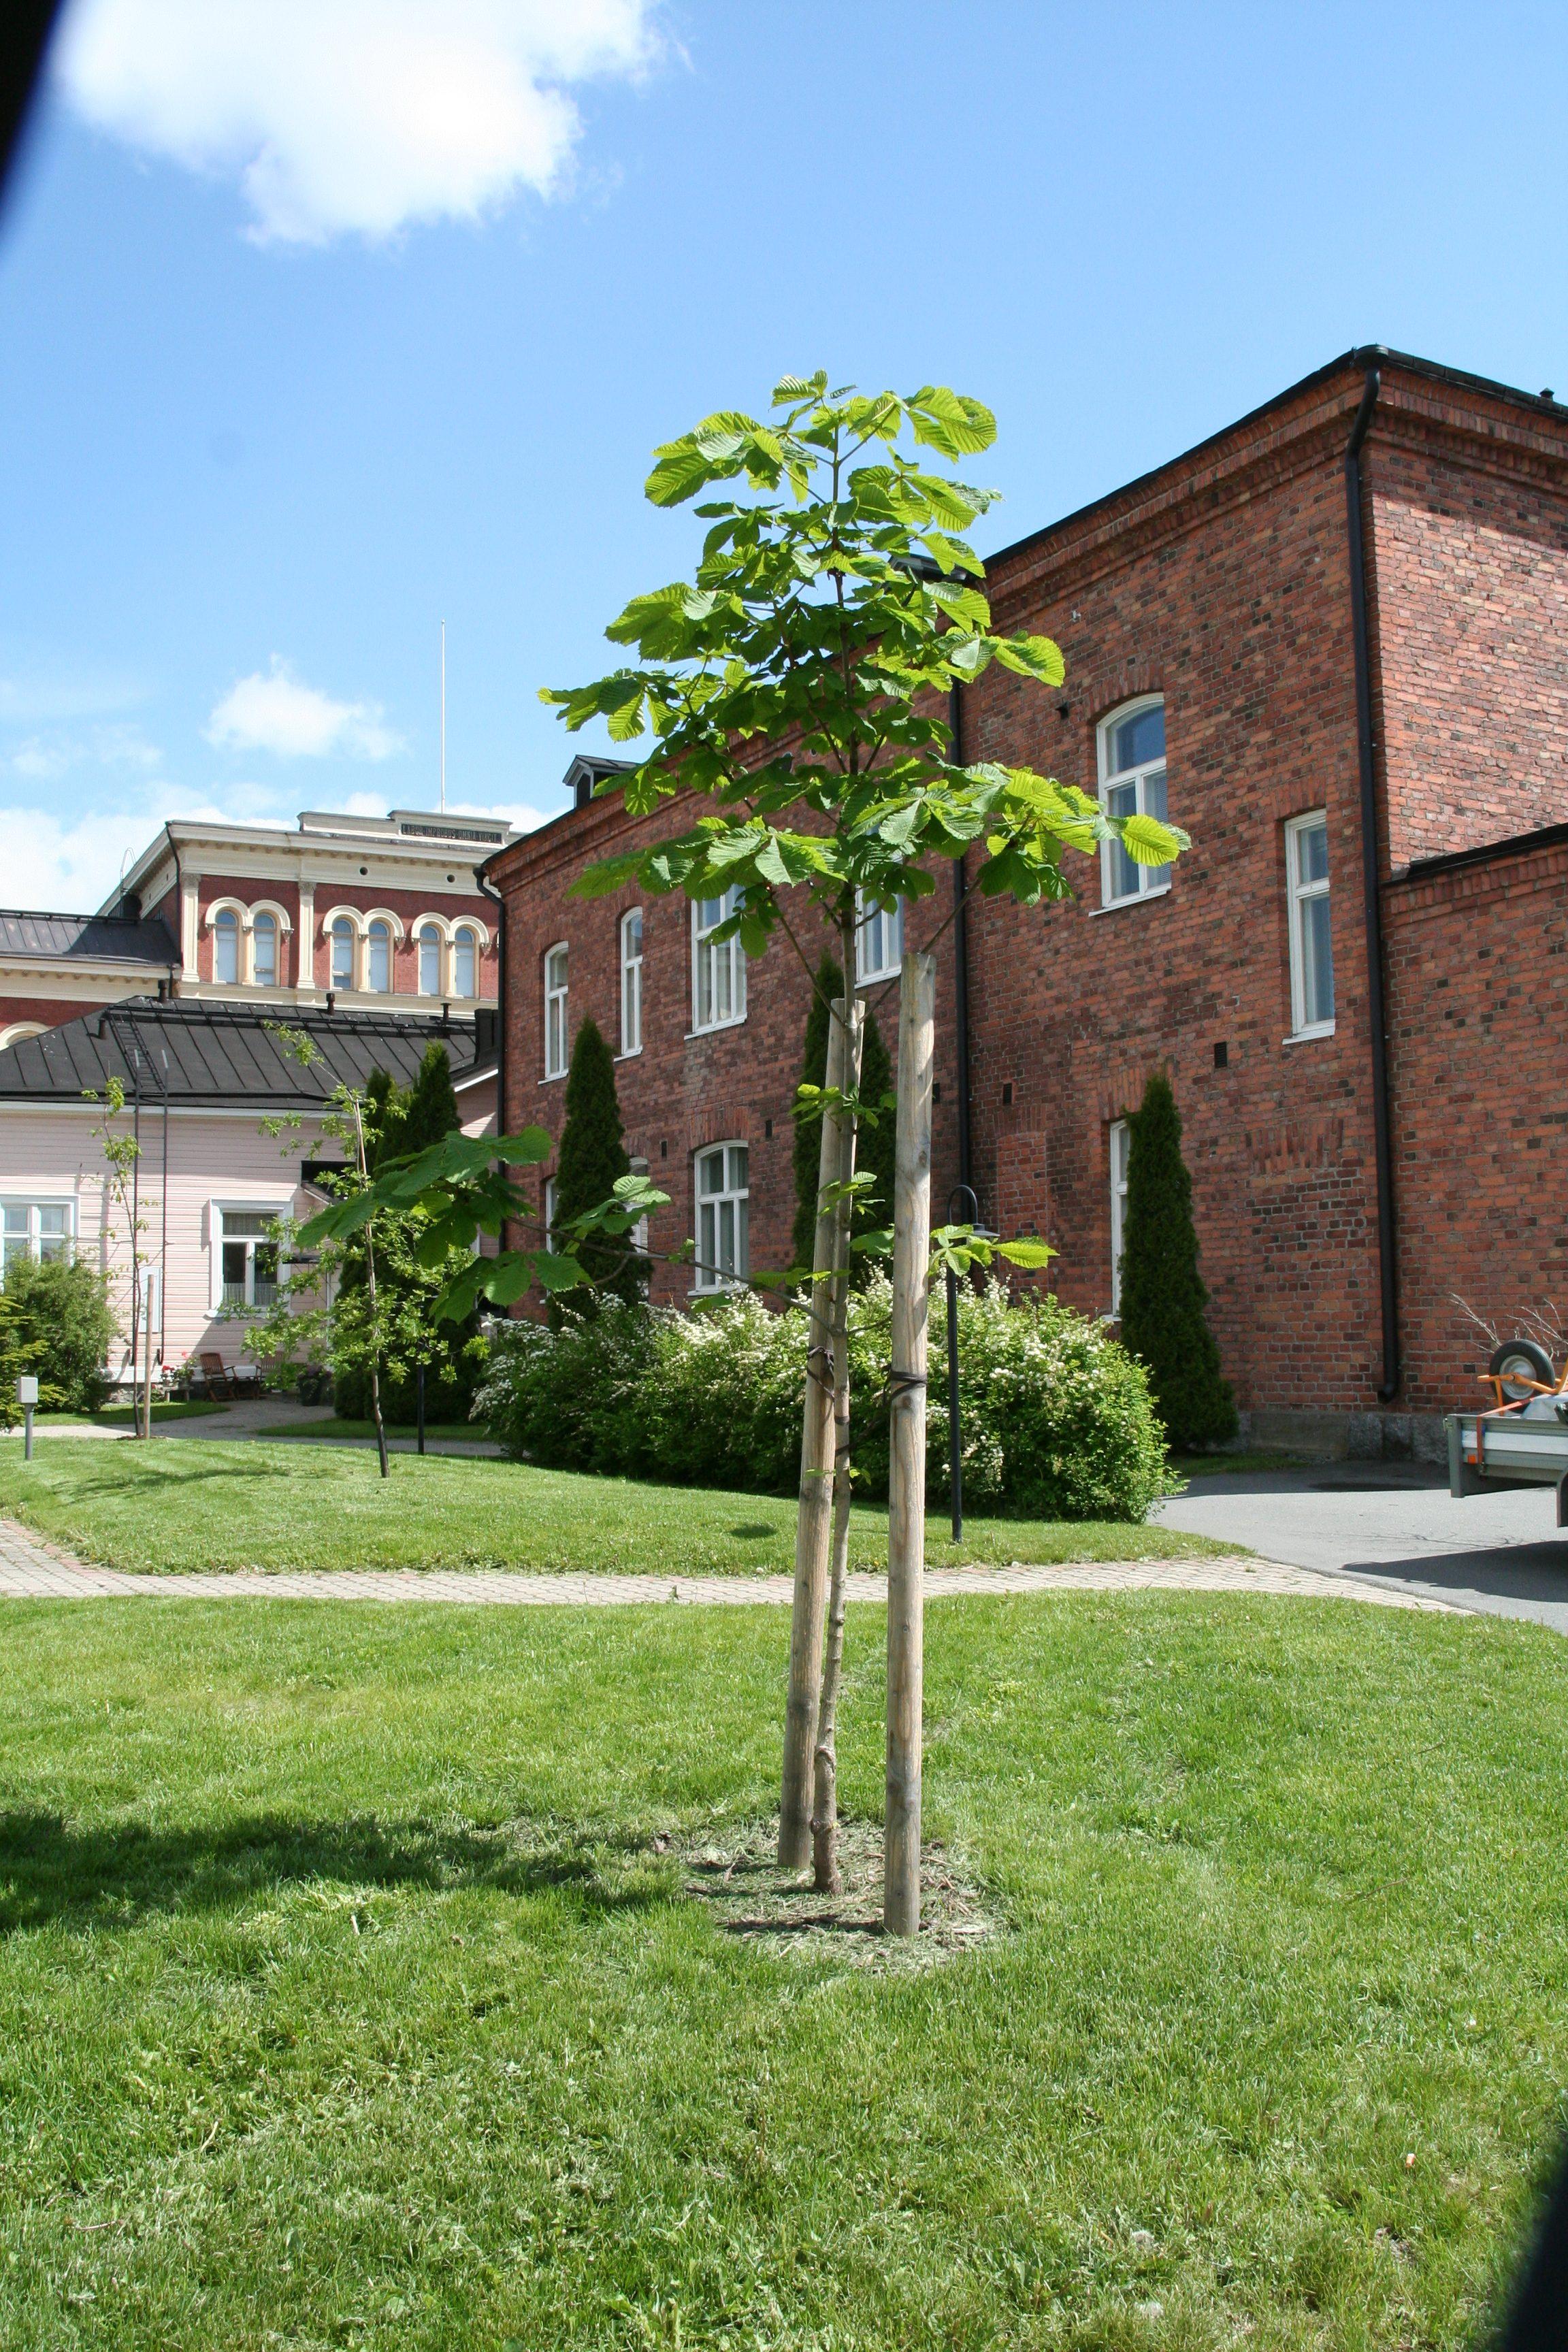 Taloyhtiön piha, Hämeenlinnan keskusta, 2016